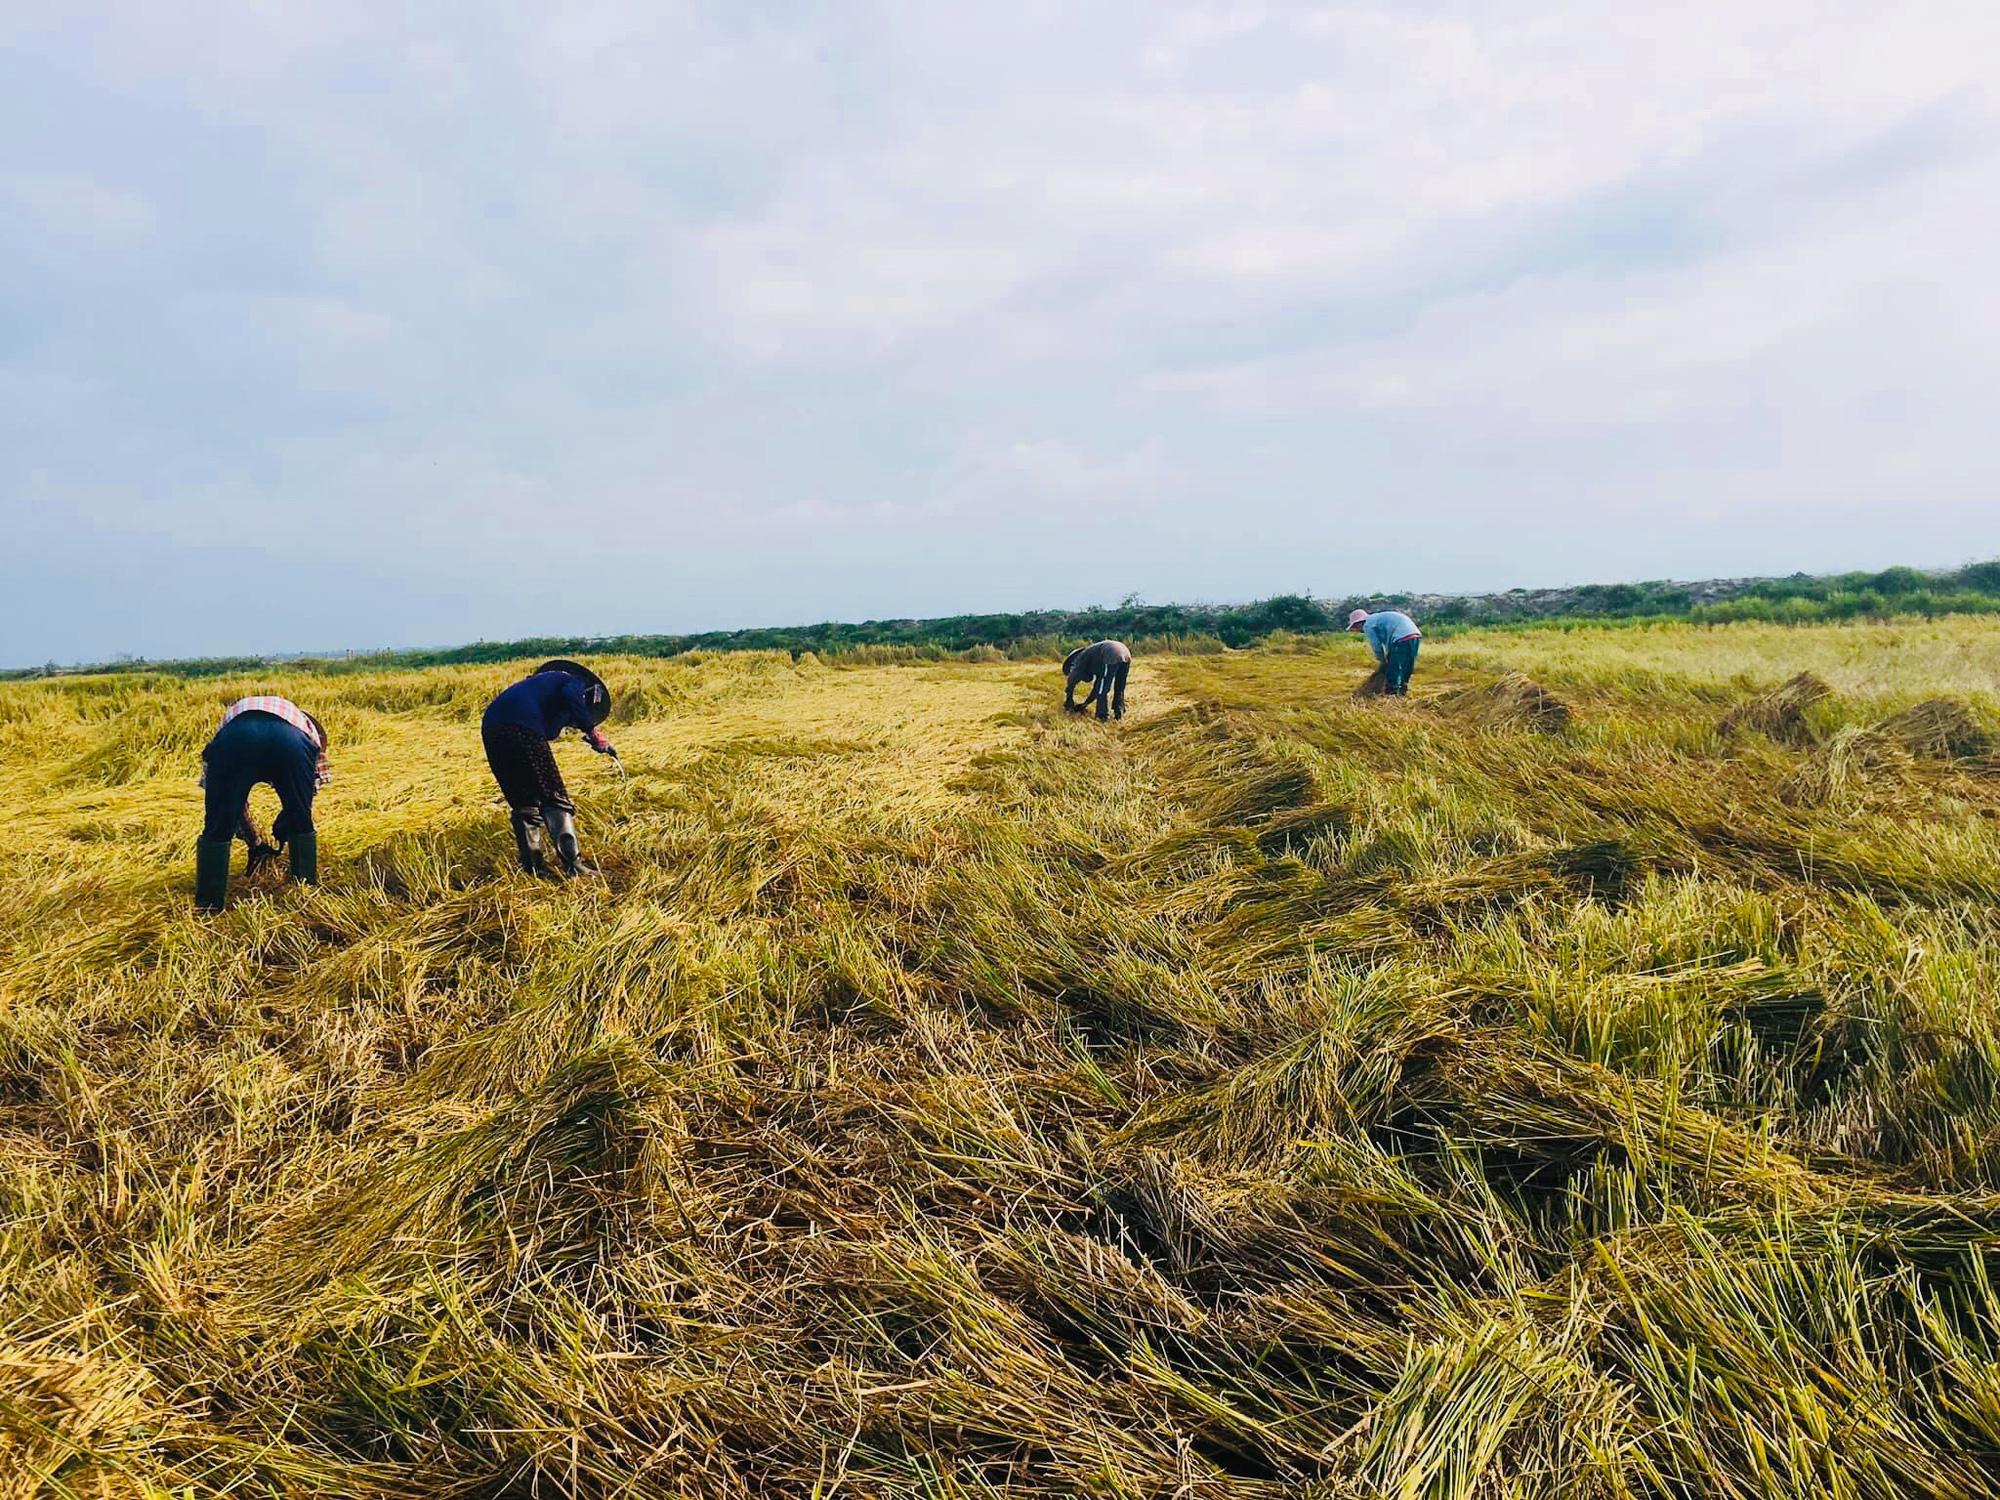 Kể chuyện làng: Lục ký ức trên cánh đồng quê - Ảnh 1.